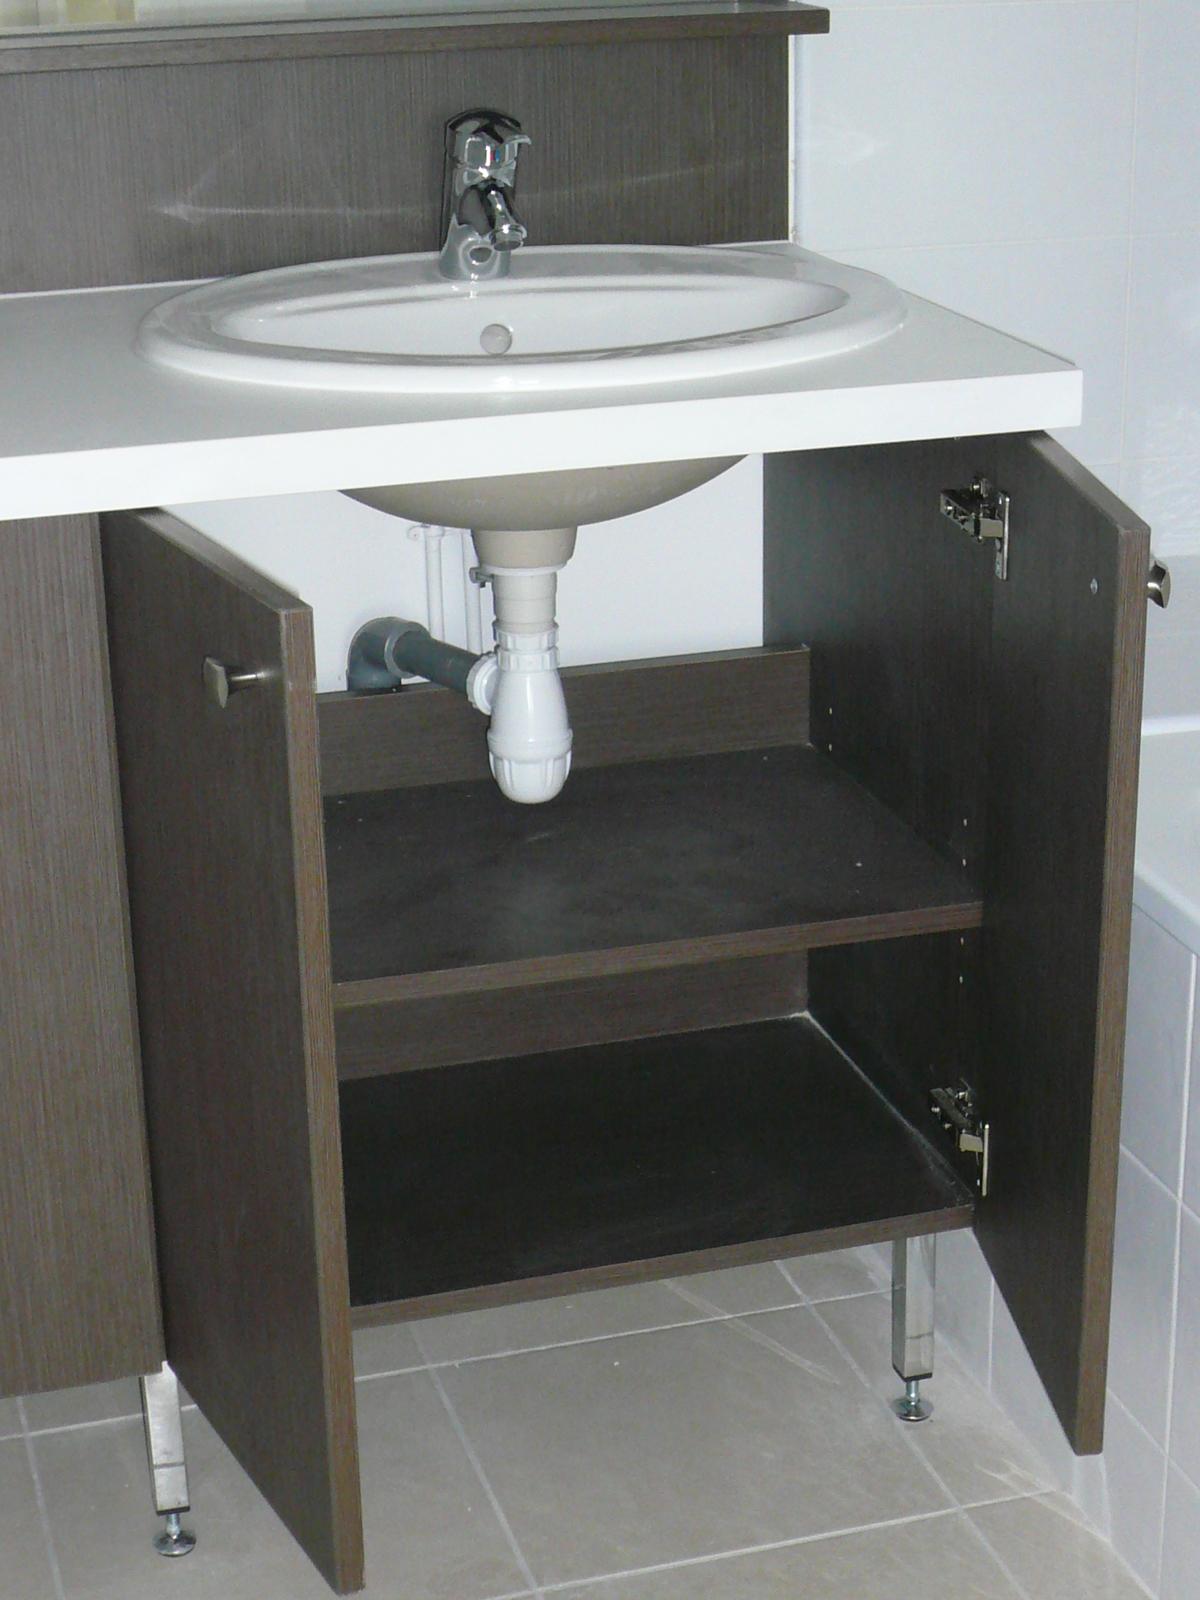 Mobilier de salle de bain fabricant de mobilier sur mesure pour r sidence h tellerie et Mobilier de salle de bain